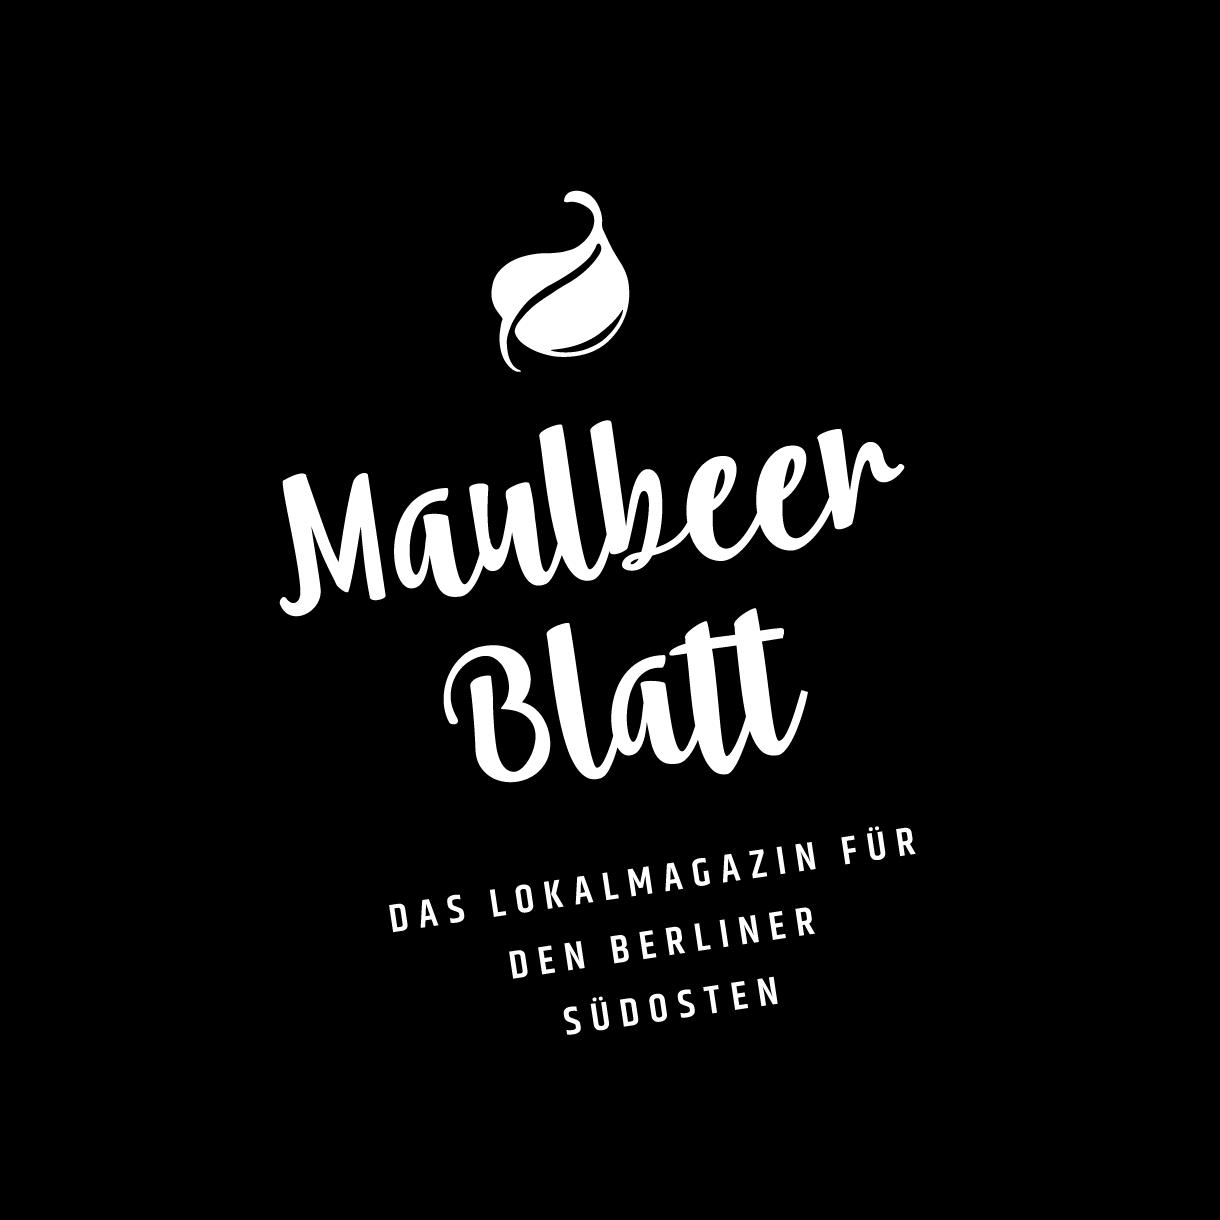 Maulbeerblatt